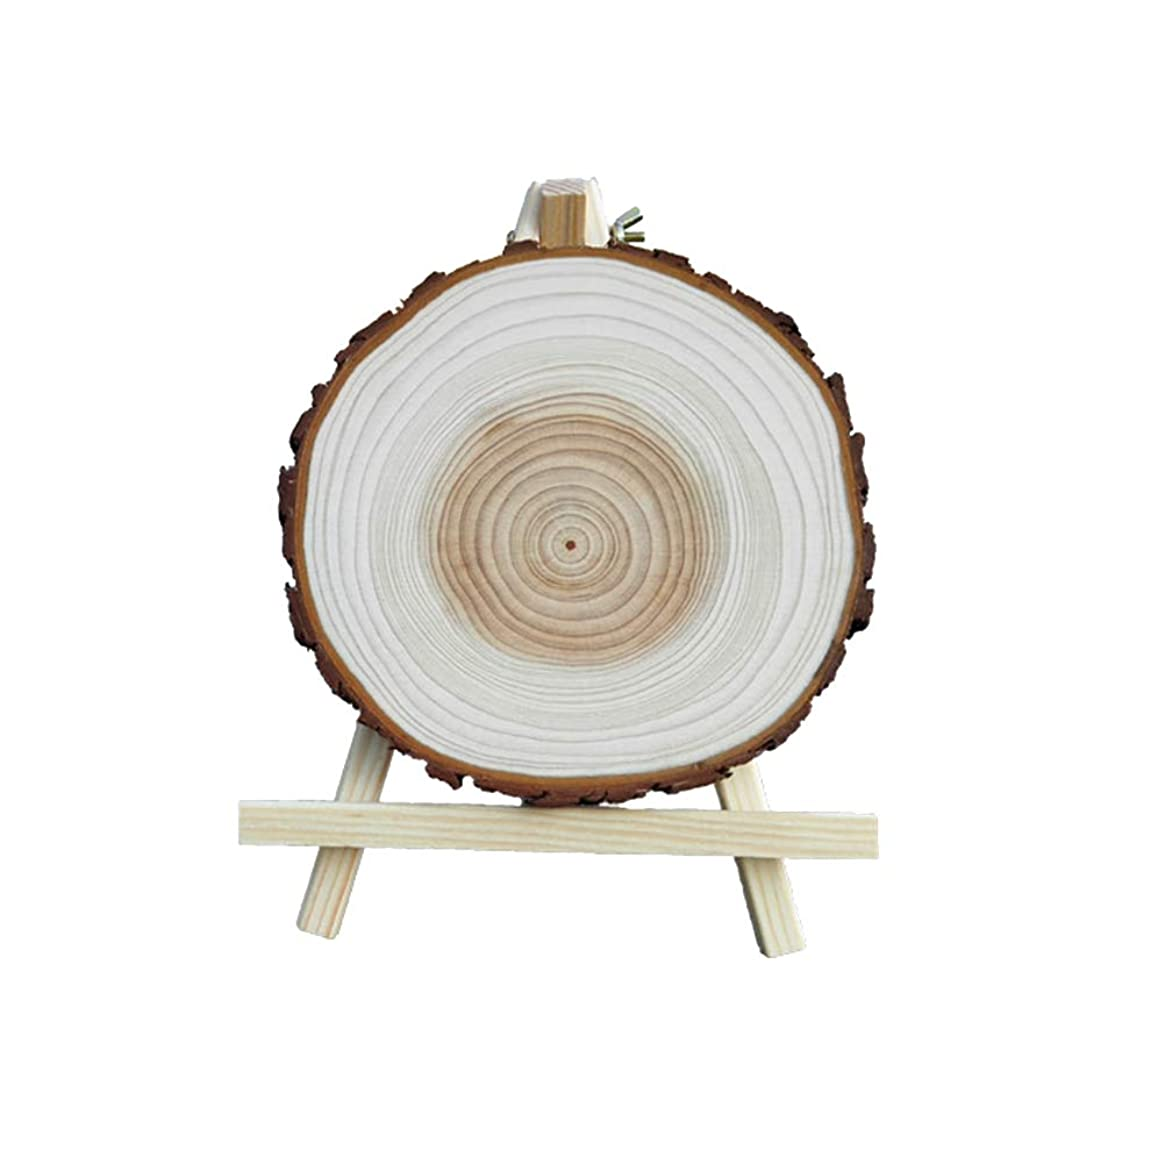 宇宙の銀ボイラーSUPVOX 1PCSミニウッドイーゼルラウンド木製チップ工芸アクセサリーで3PCS天然木のスライス